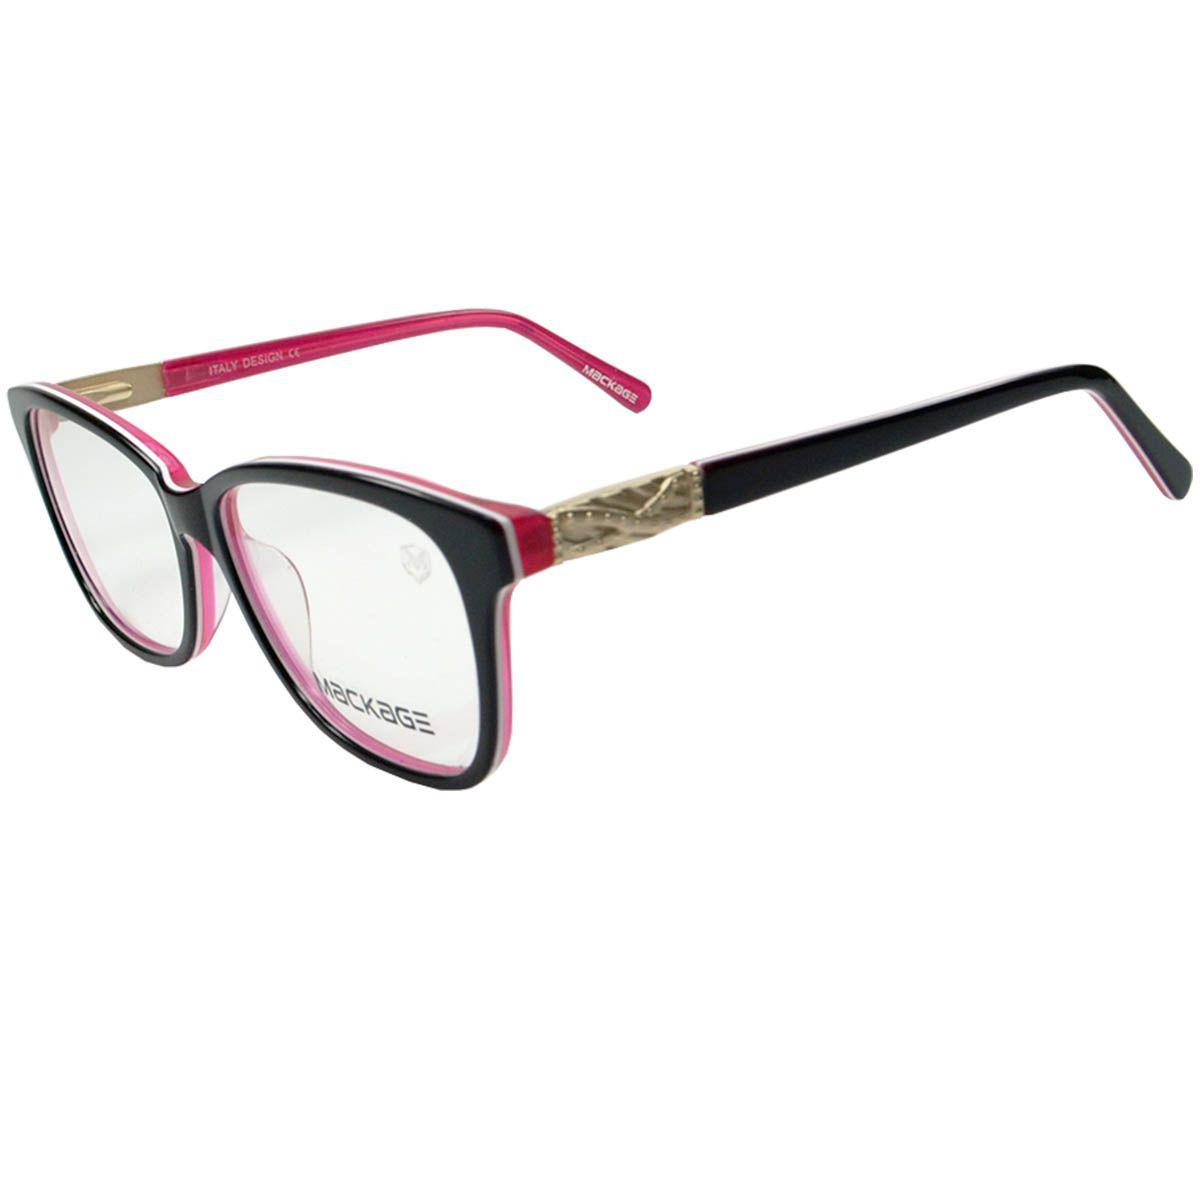 cb31aad548246 Armação Para Óculos De Grau - Mackage MKA8191C4 Preto Rosa